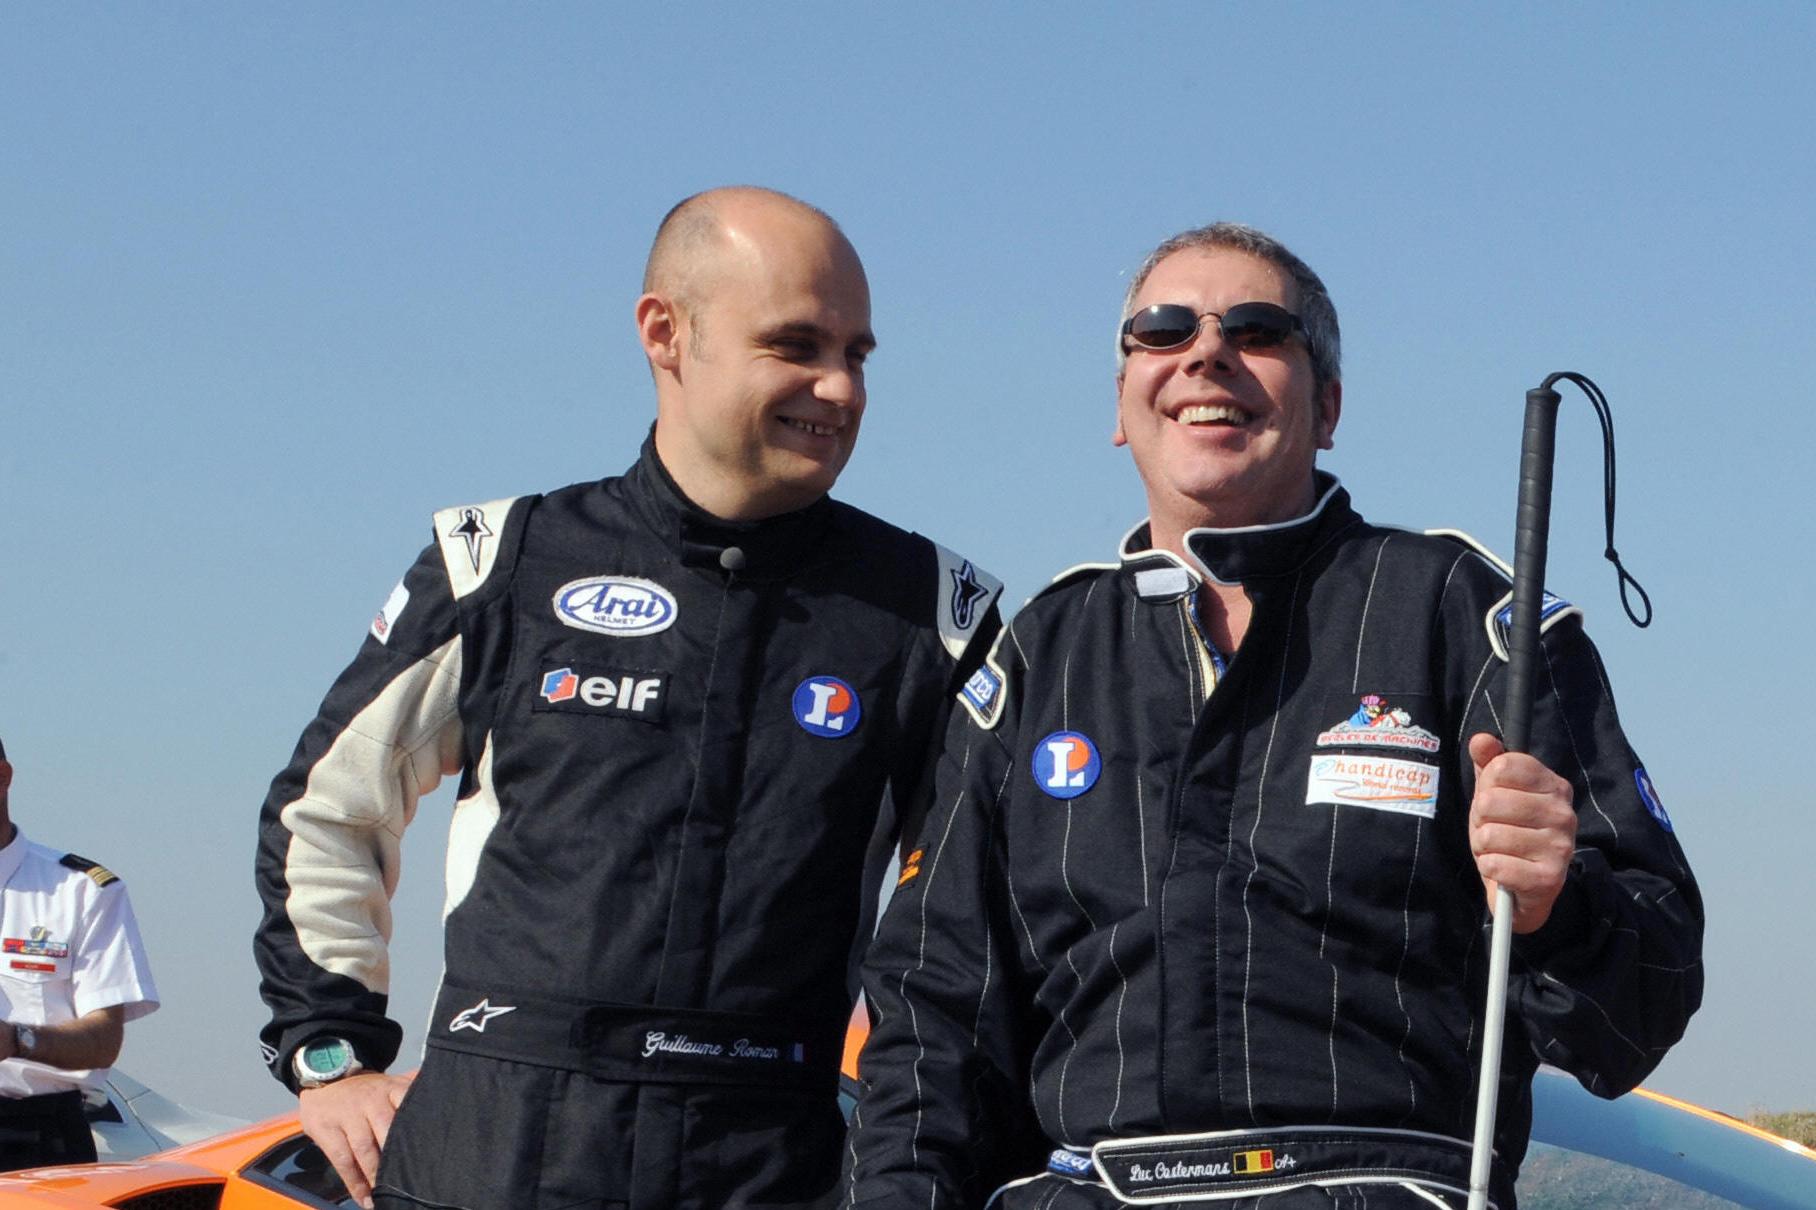 Luc Costermans, il pilota non vedente al Rally del Belgio